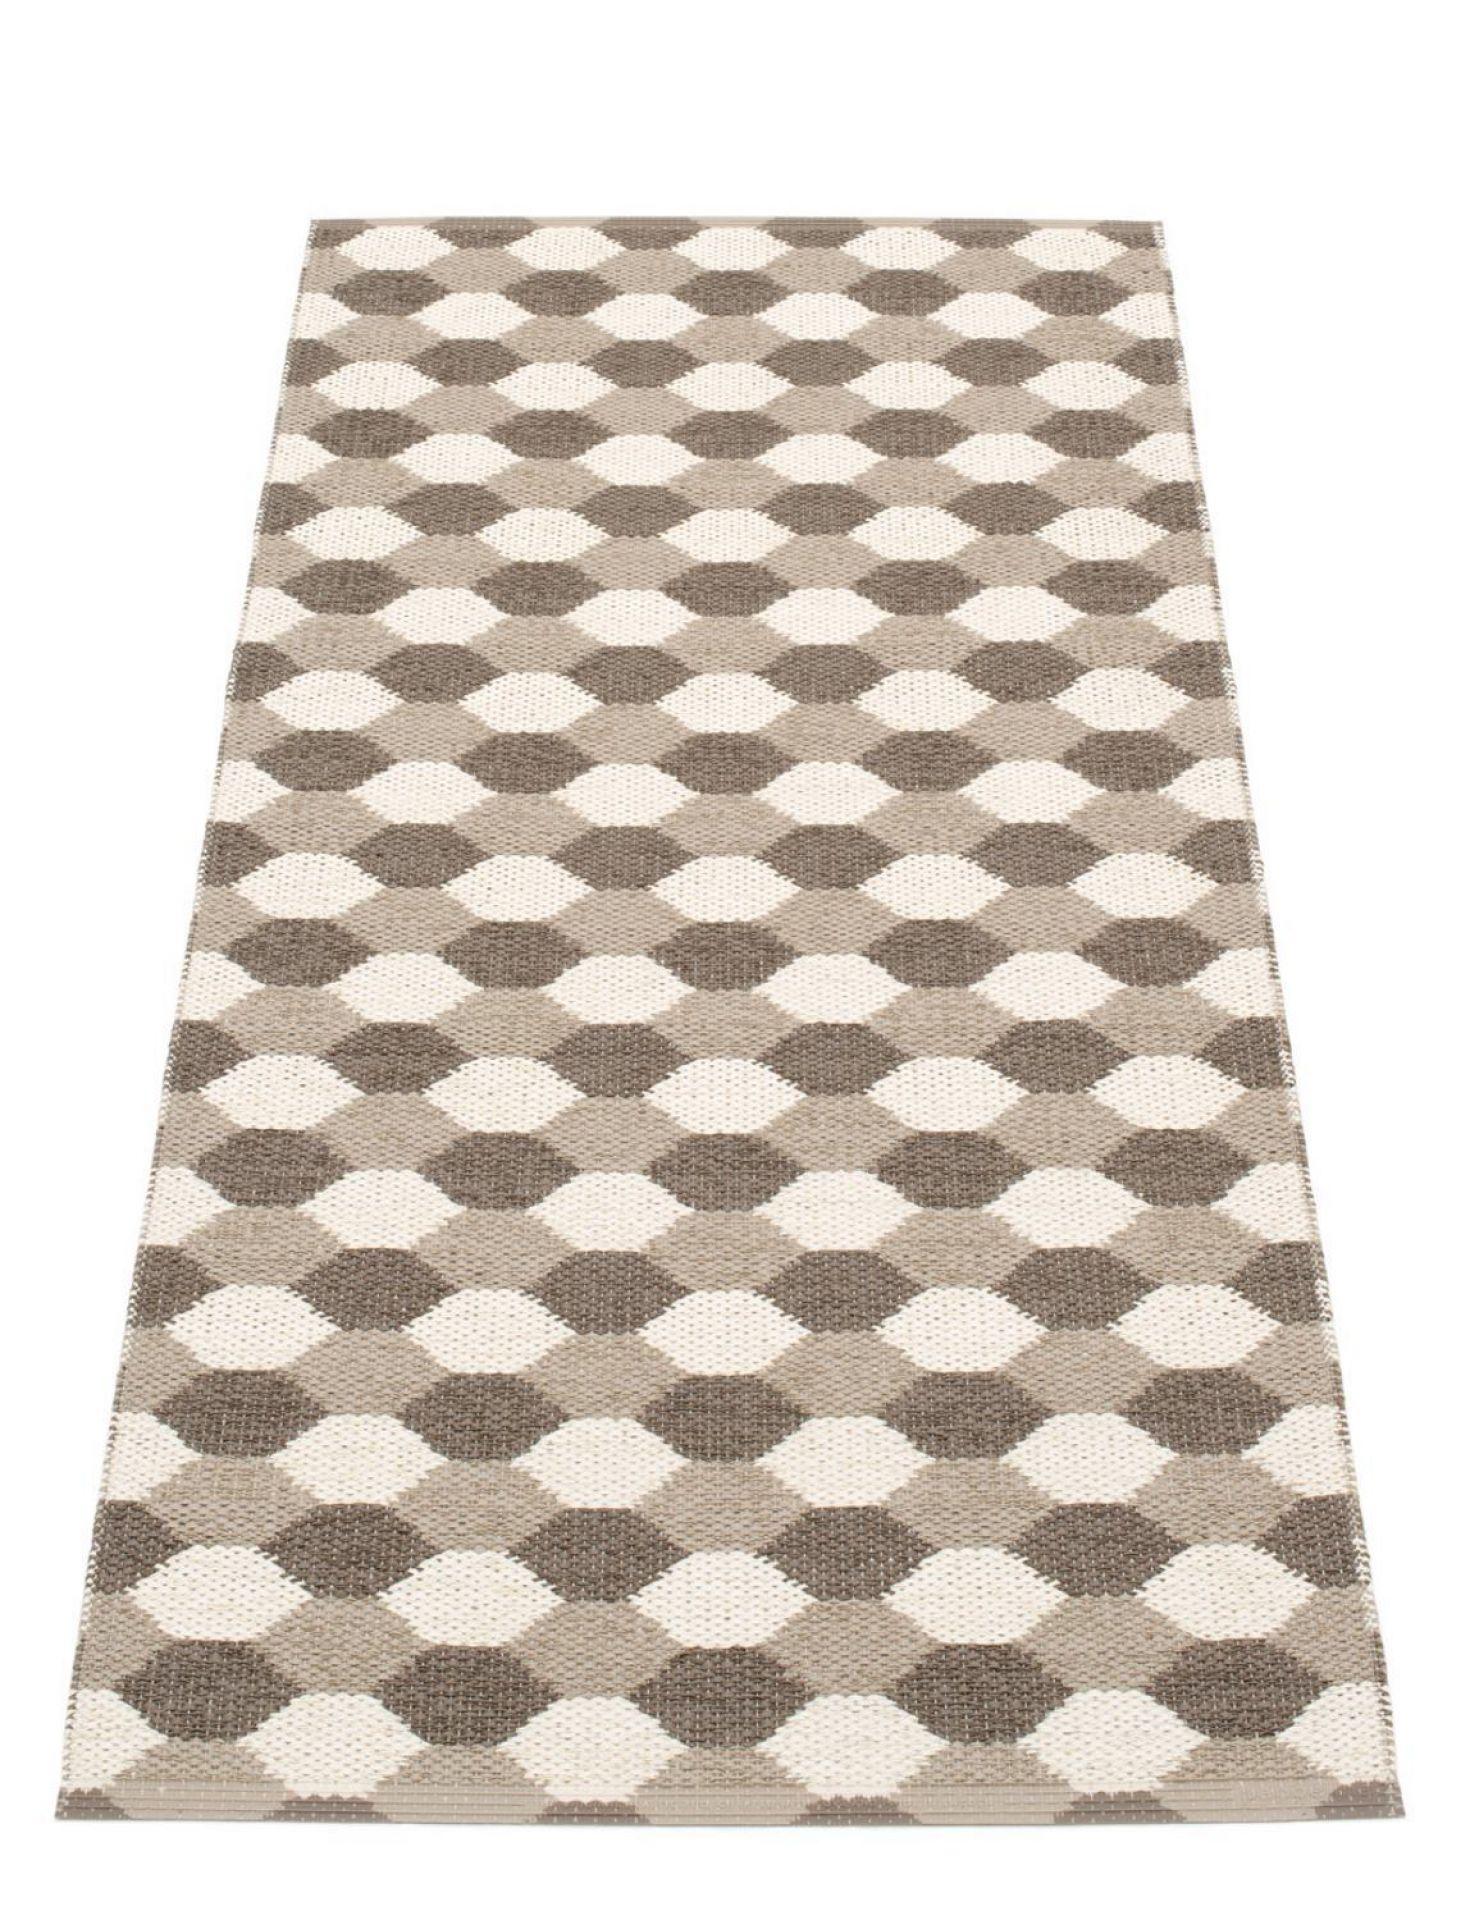 Dana Kunststoffteppich 70x160 schlamm Pappelina